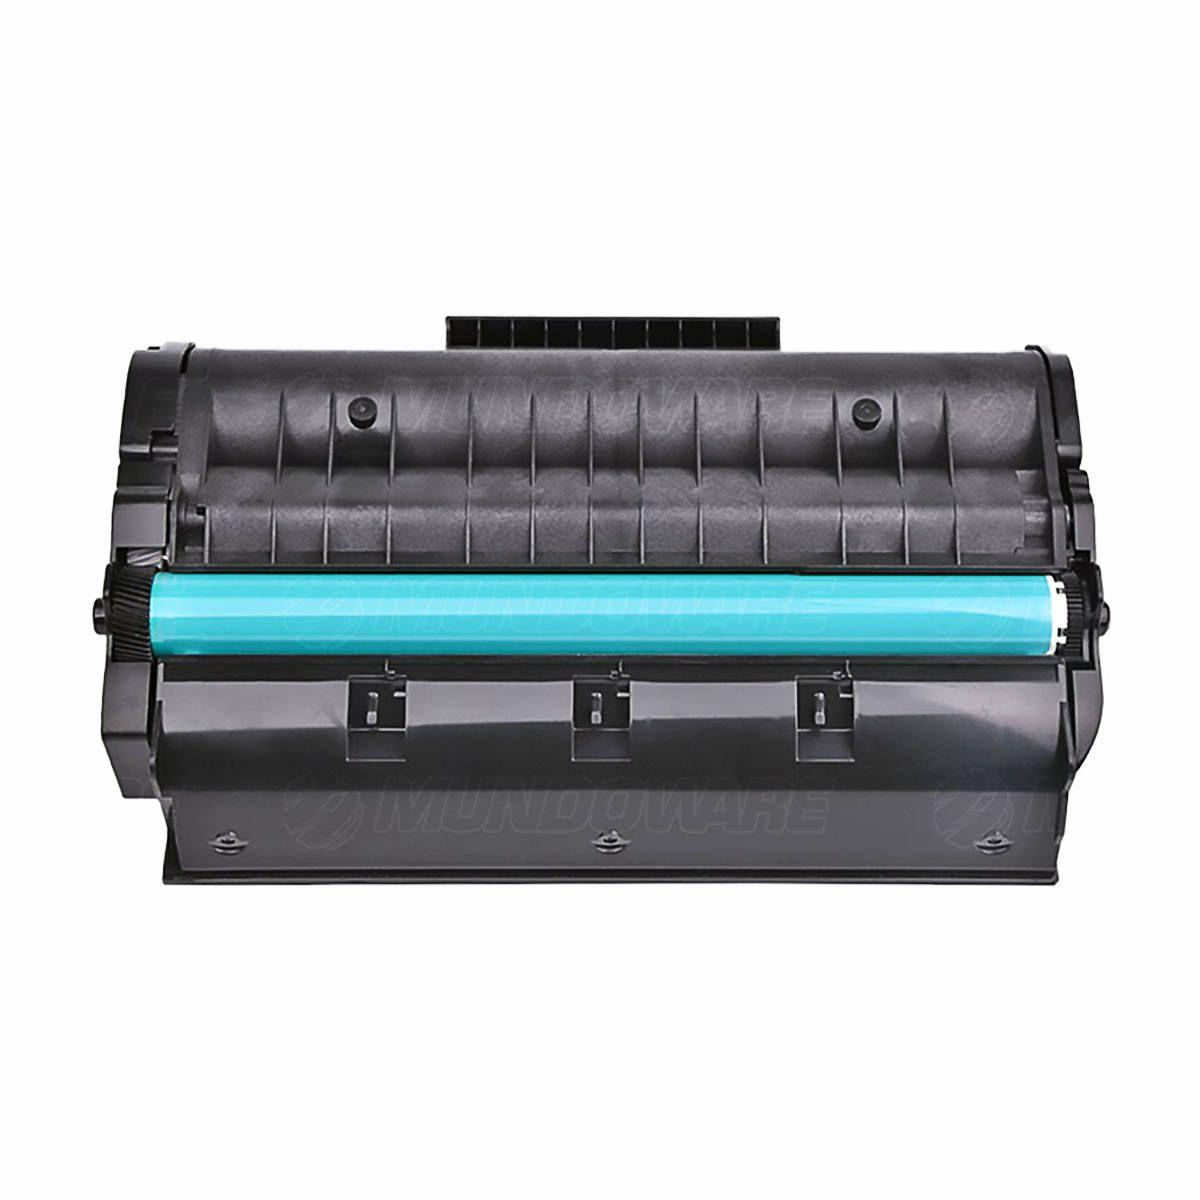 Compatível: Toner SP3710 para Ricoh SP-3710 SP-3710SF SP-3710DN SP-3710SFN SP3710SF SP3710DN SP3710SFN / Preto / 7.000